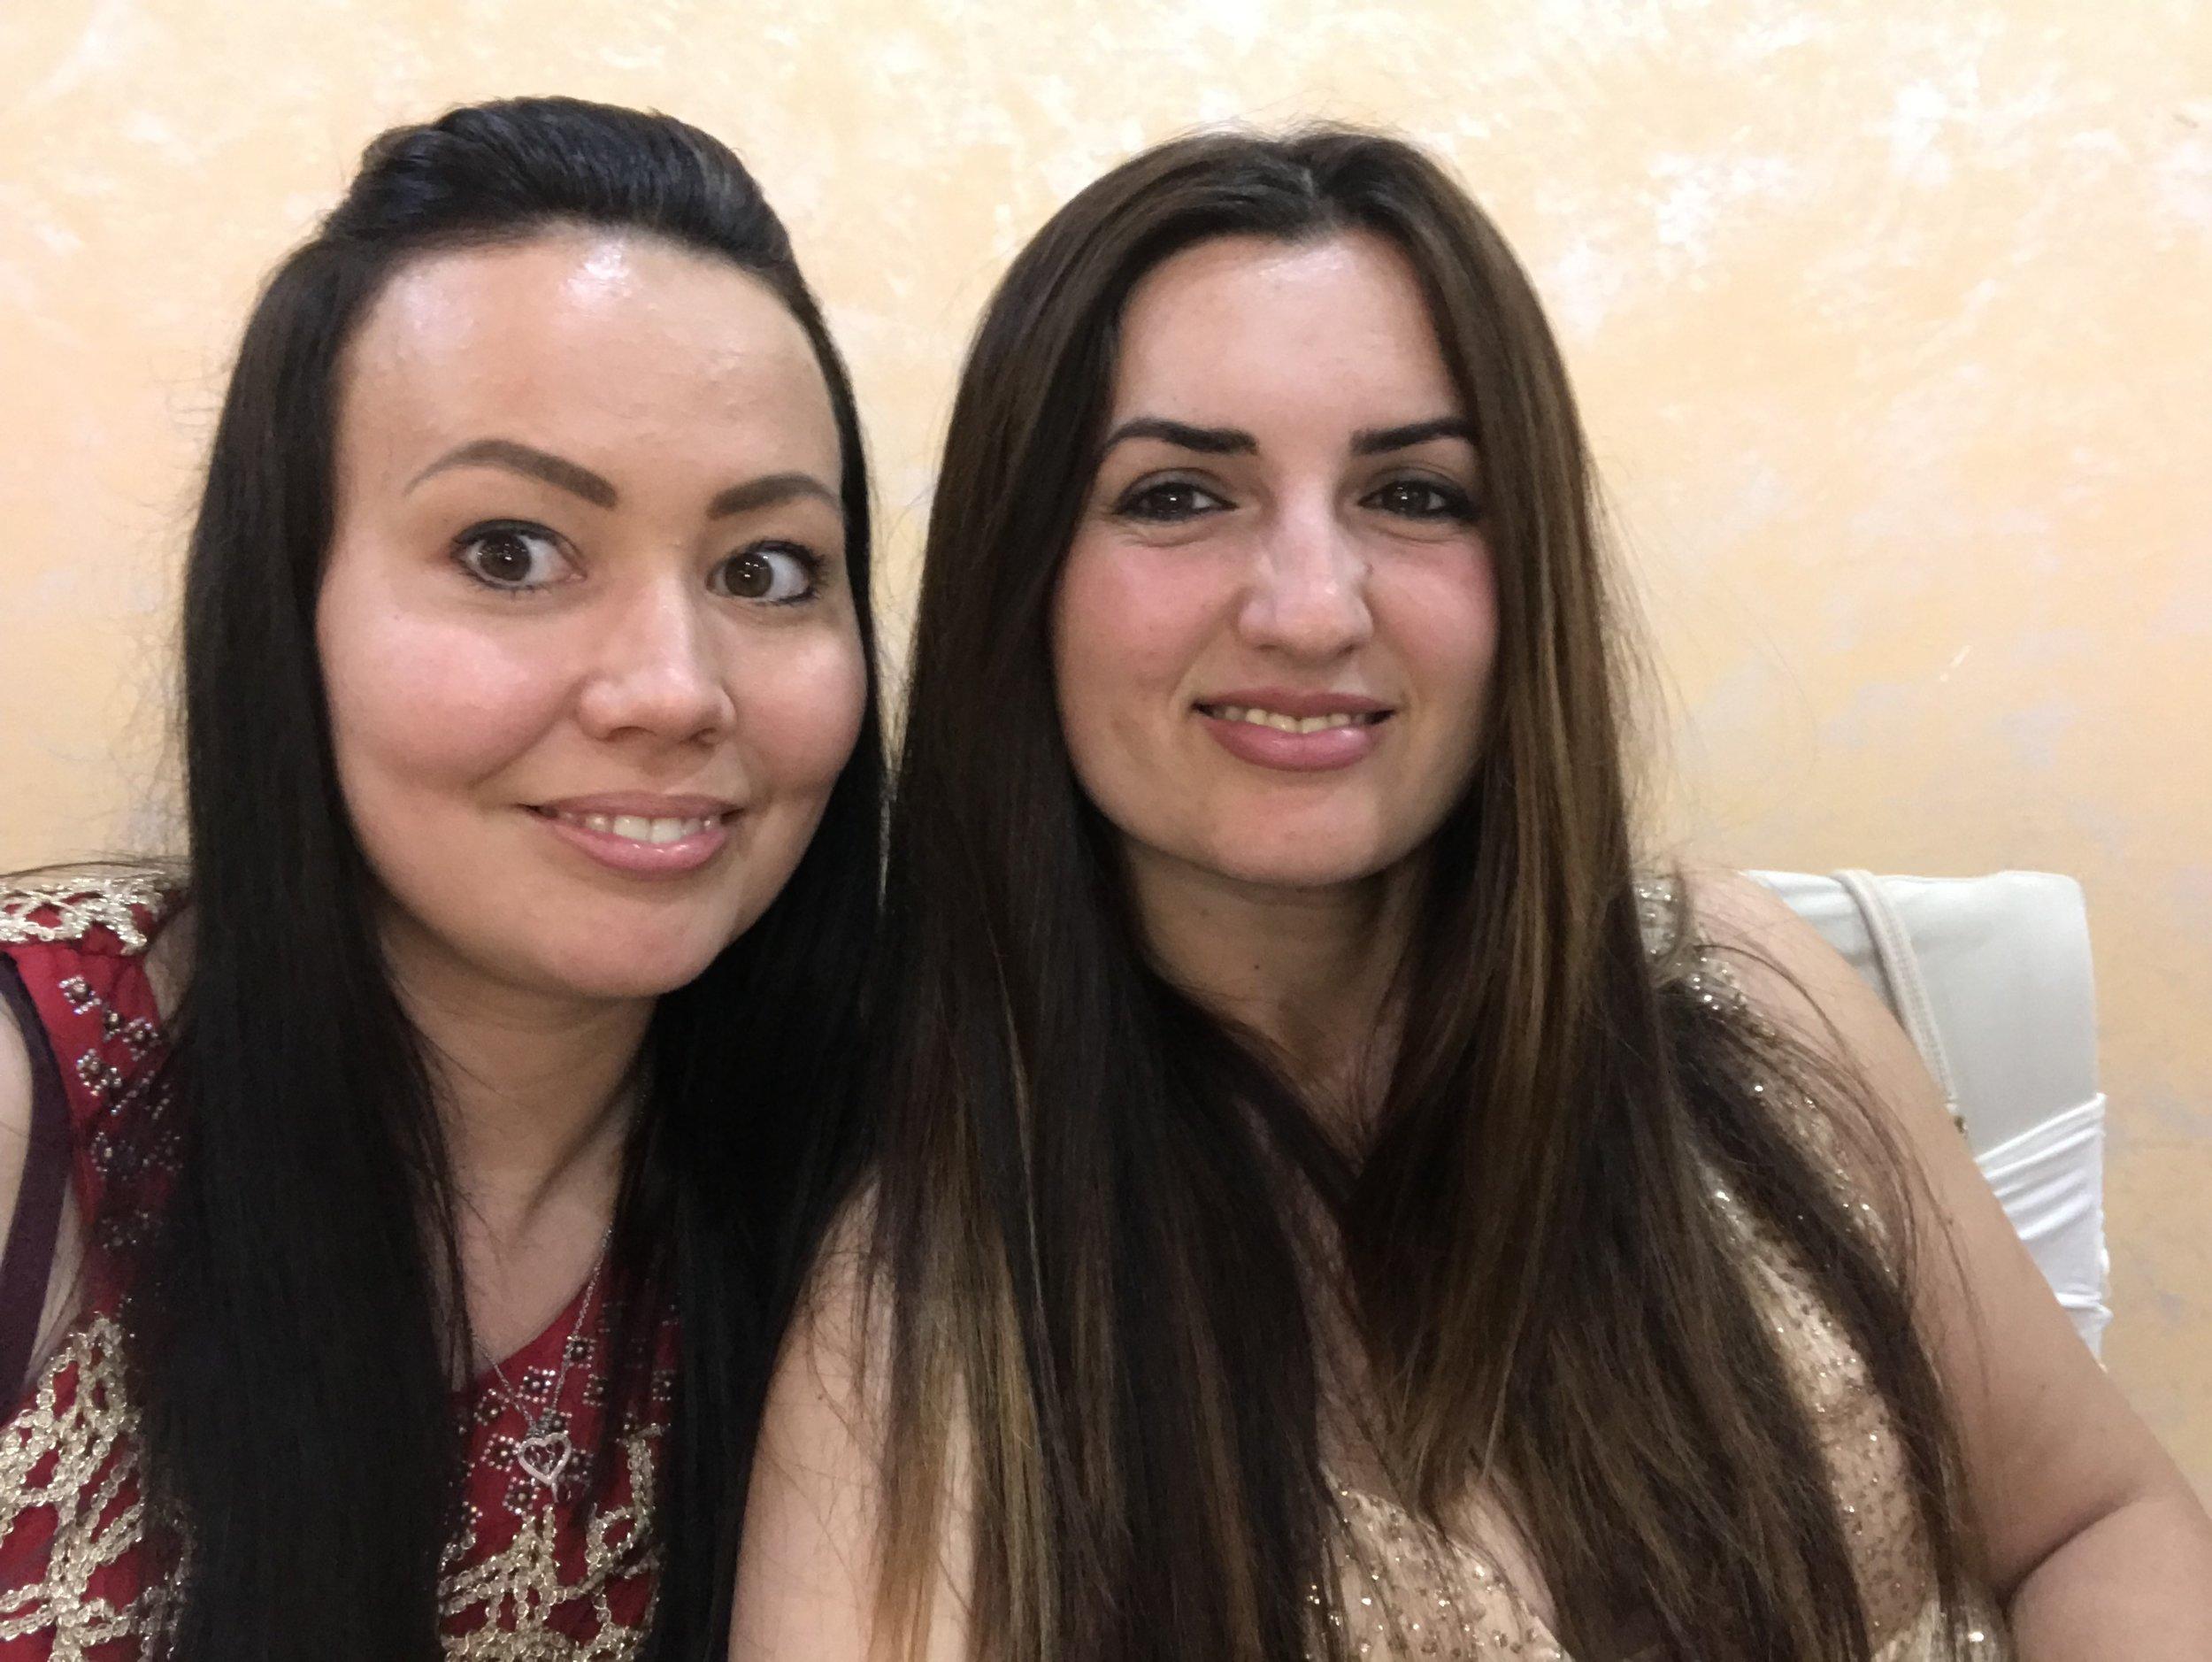 Mirva ja Ariksen isosisko Sela sunnuntain häissä 02 aikaan. Kuva: Mirva Rannisto